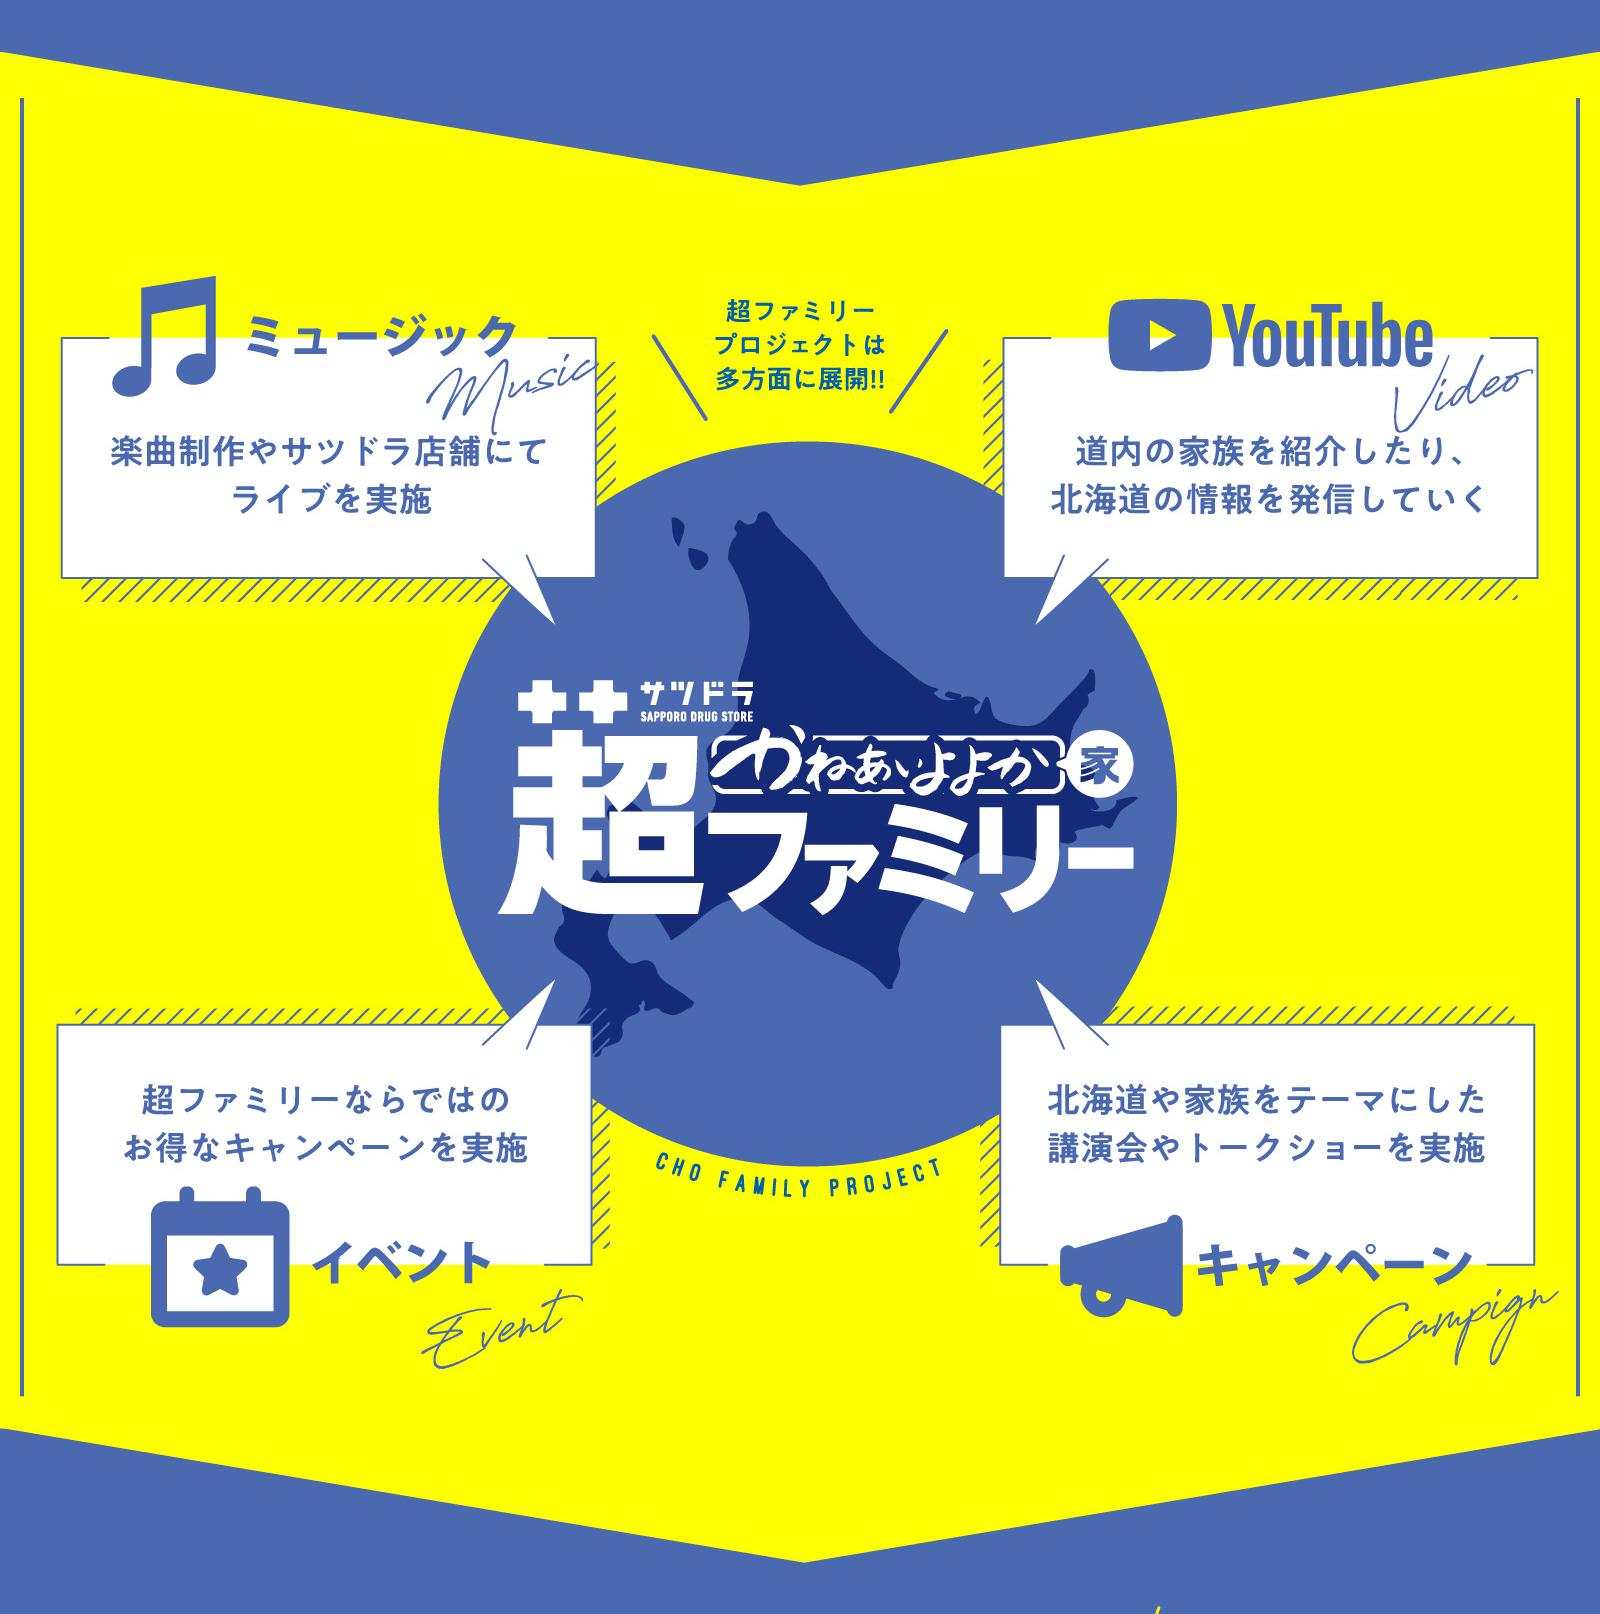 サツドラ超ファミリー ミュージック・Youtube・イベント・キャンペーンなどを実施!